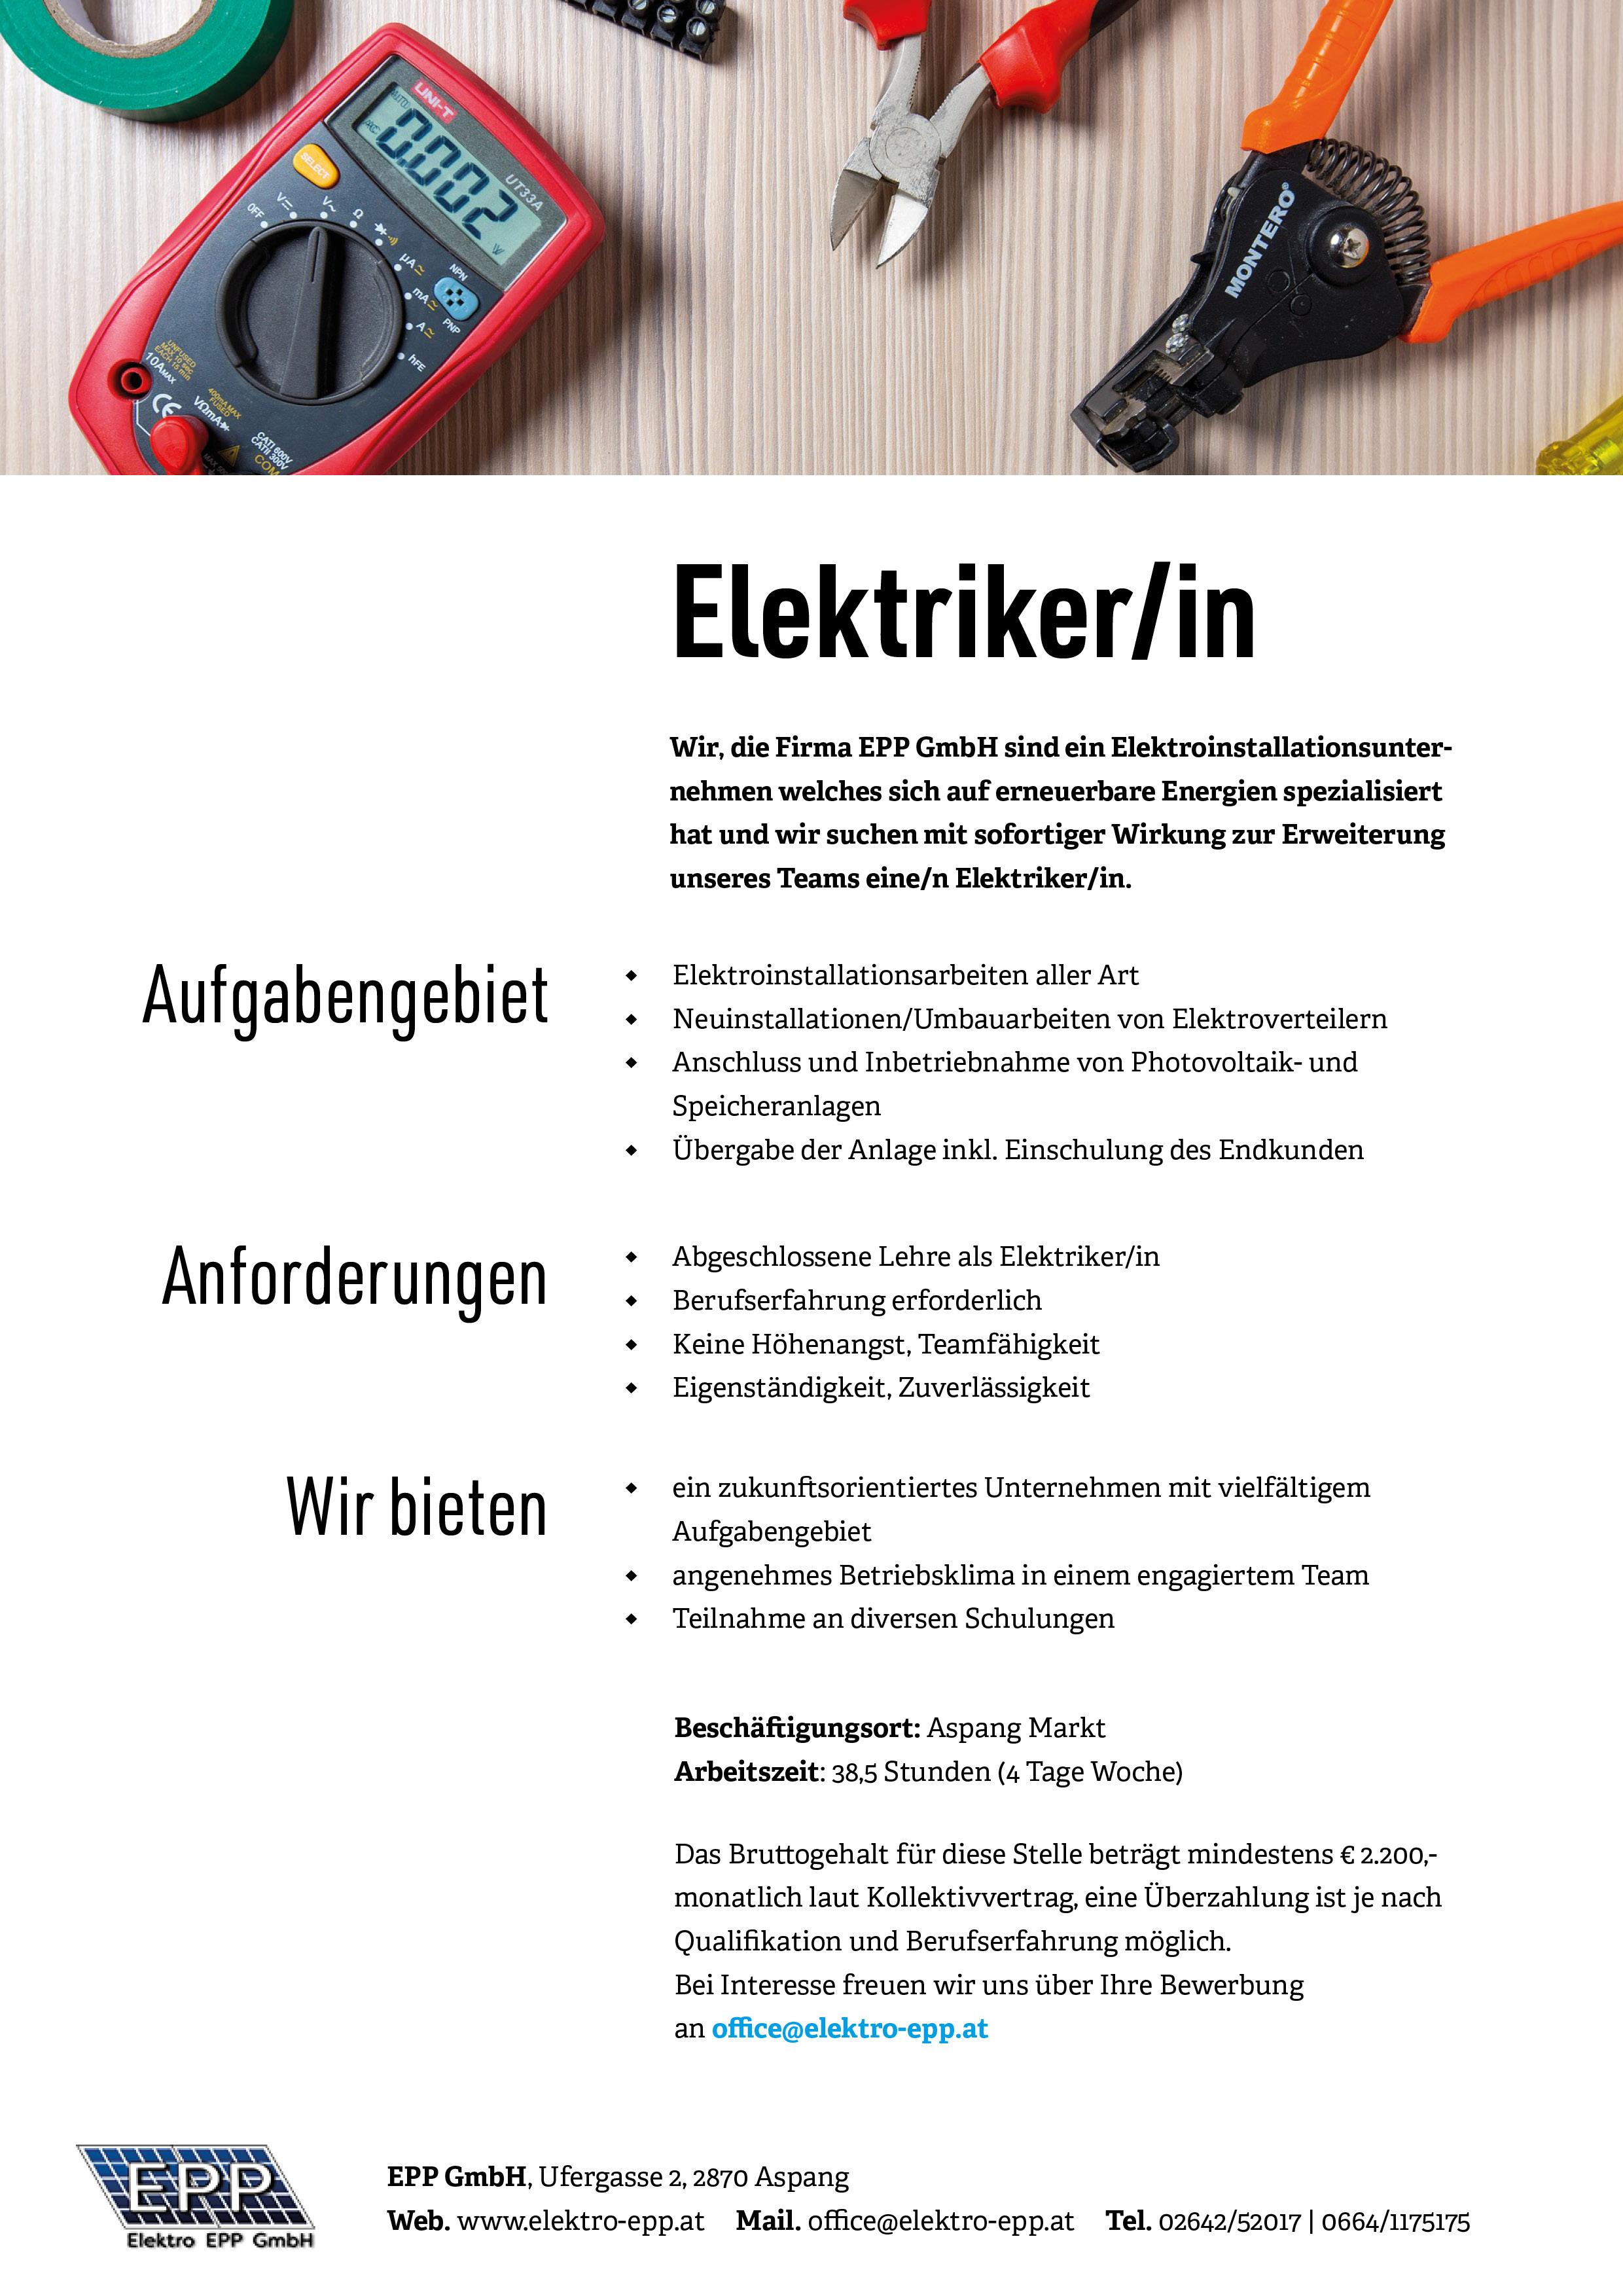 Stellenausschreibung EPP GmbH